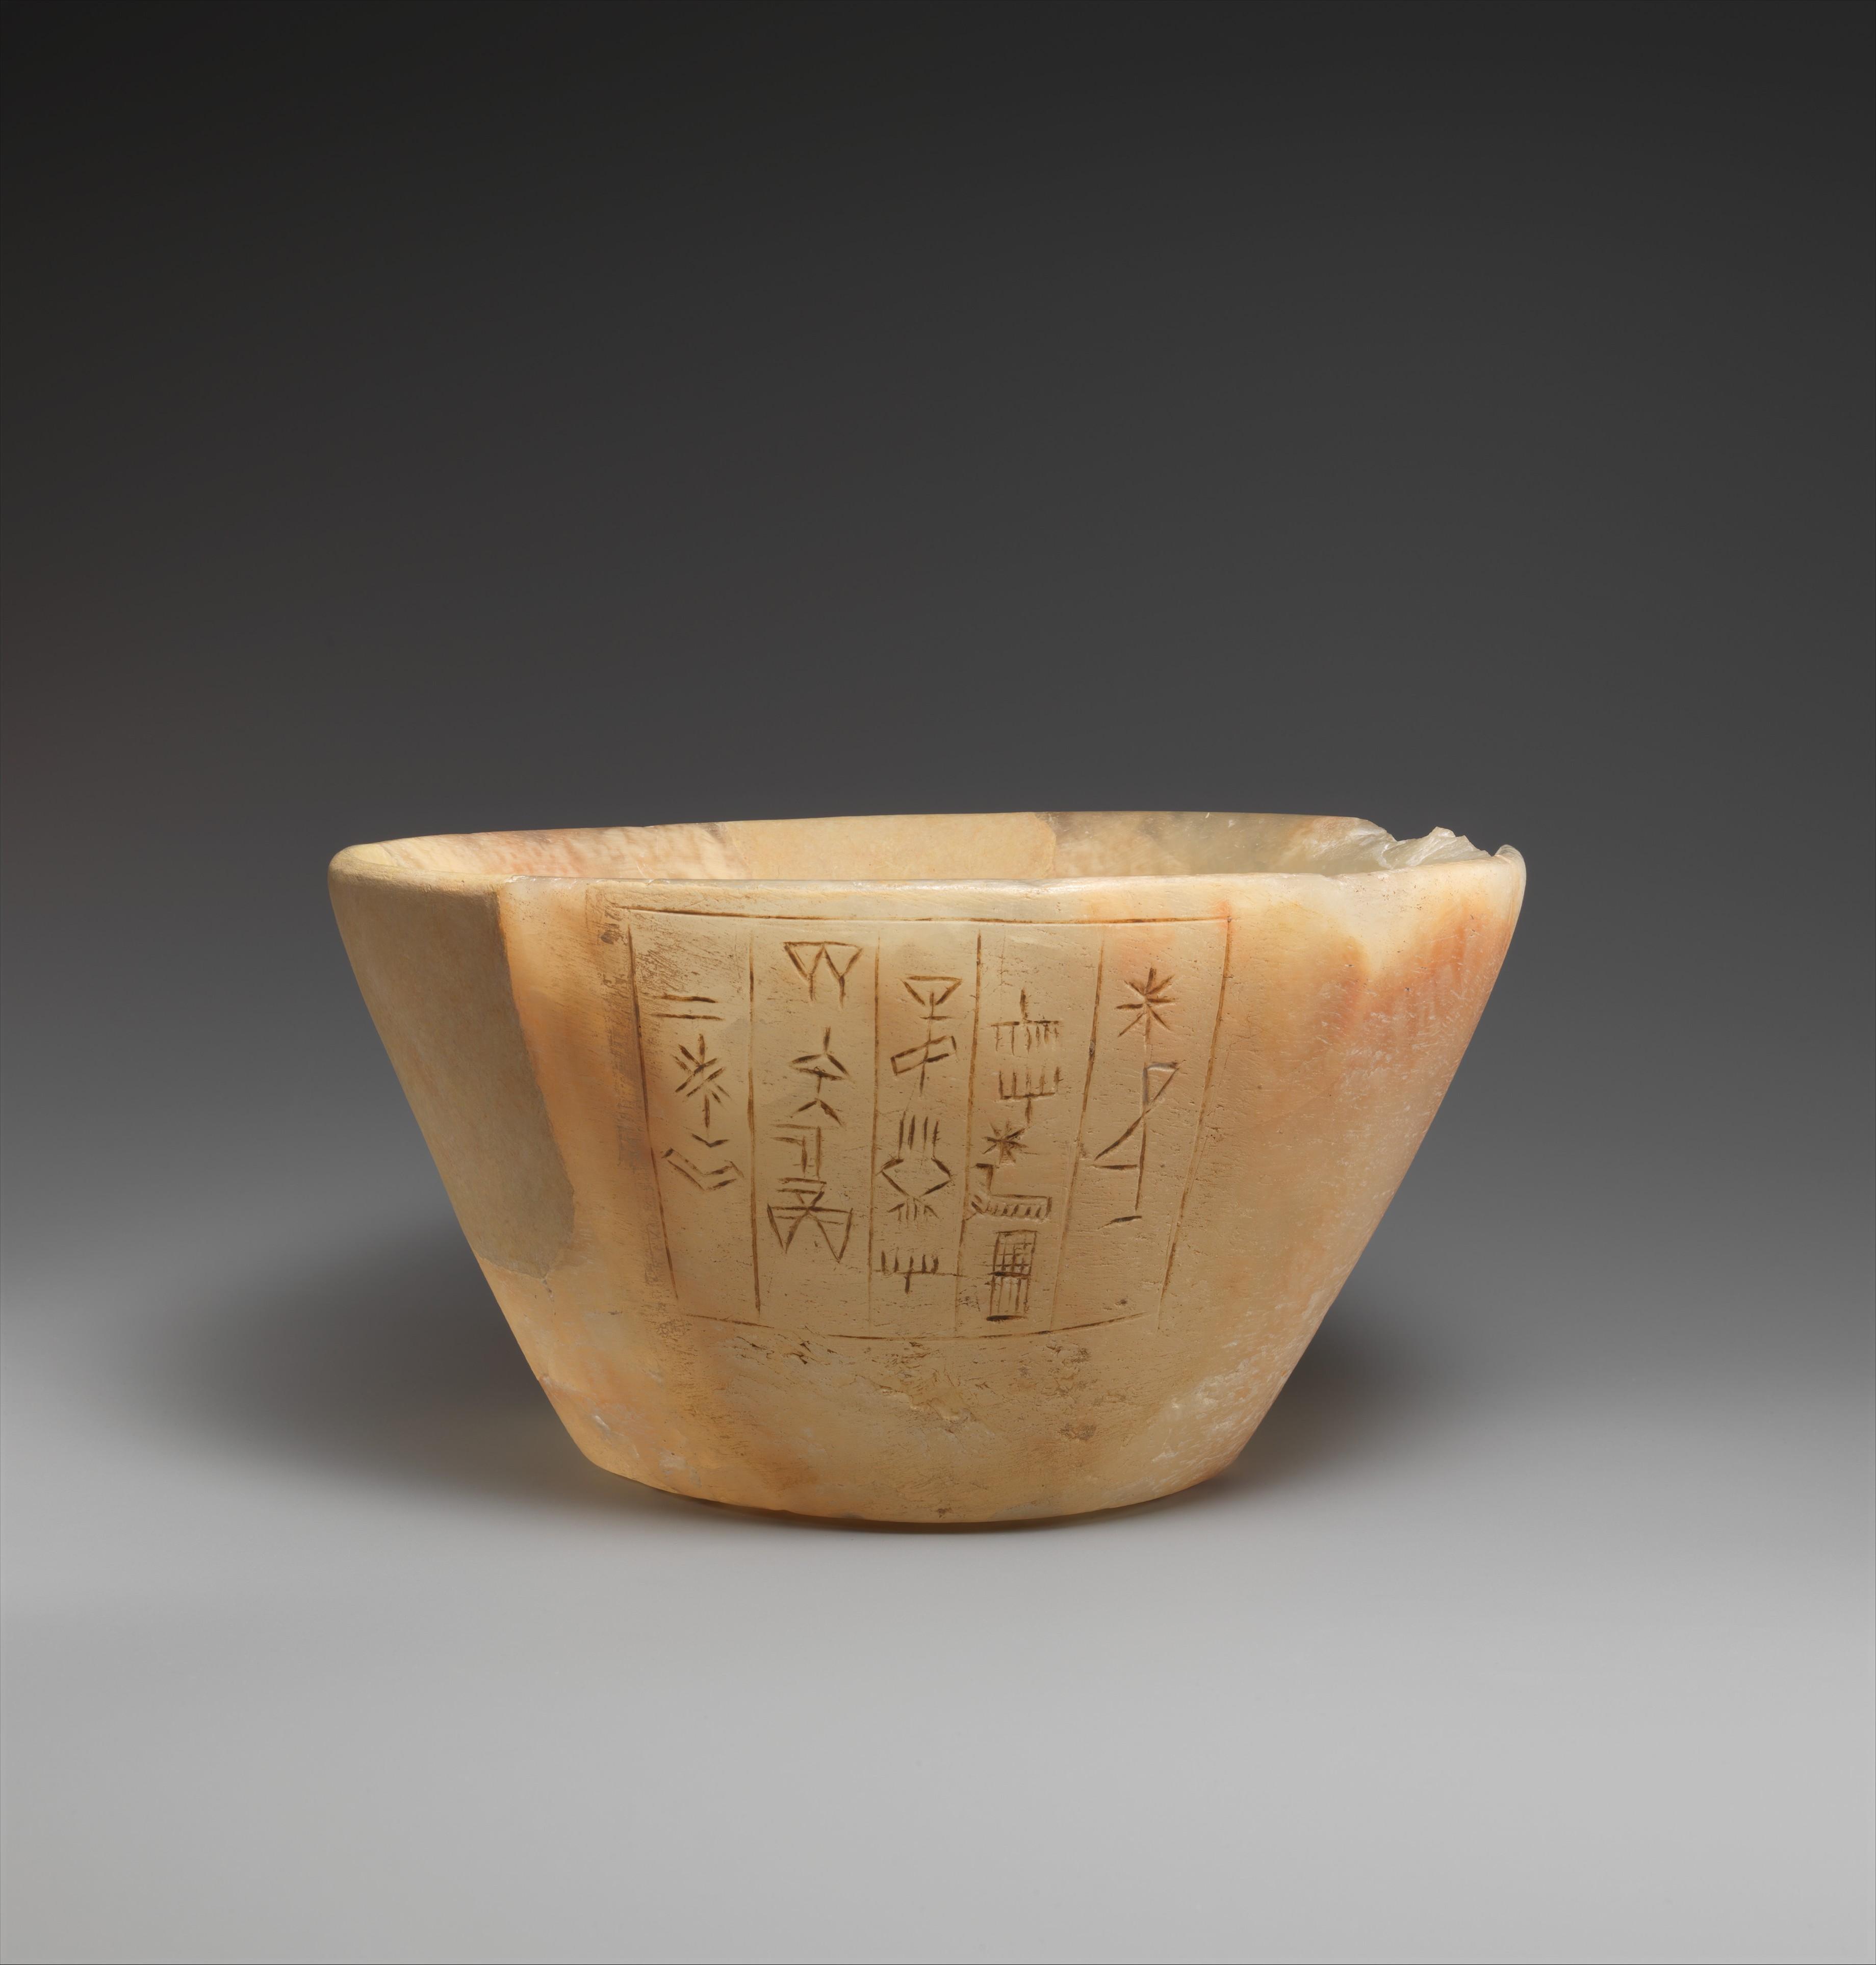 السومريون قدموا حضارة مبهرة